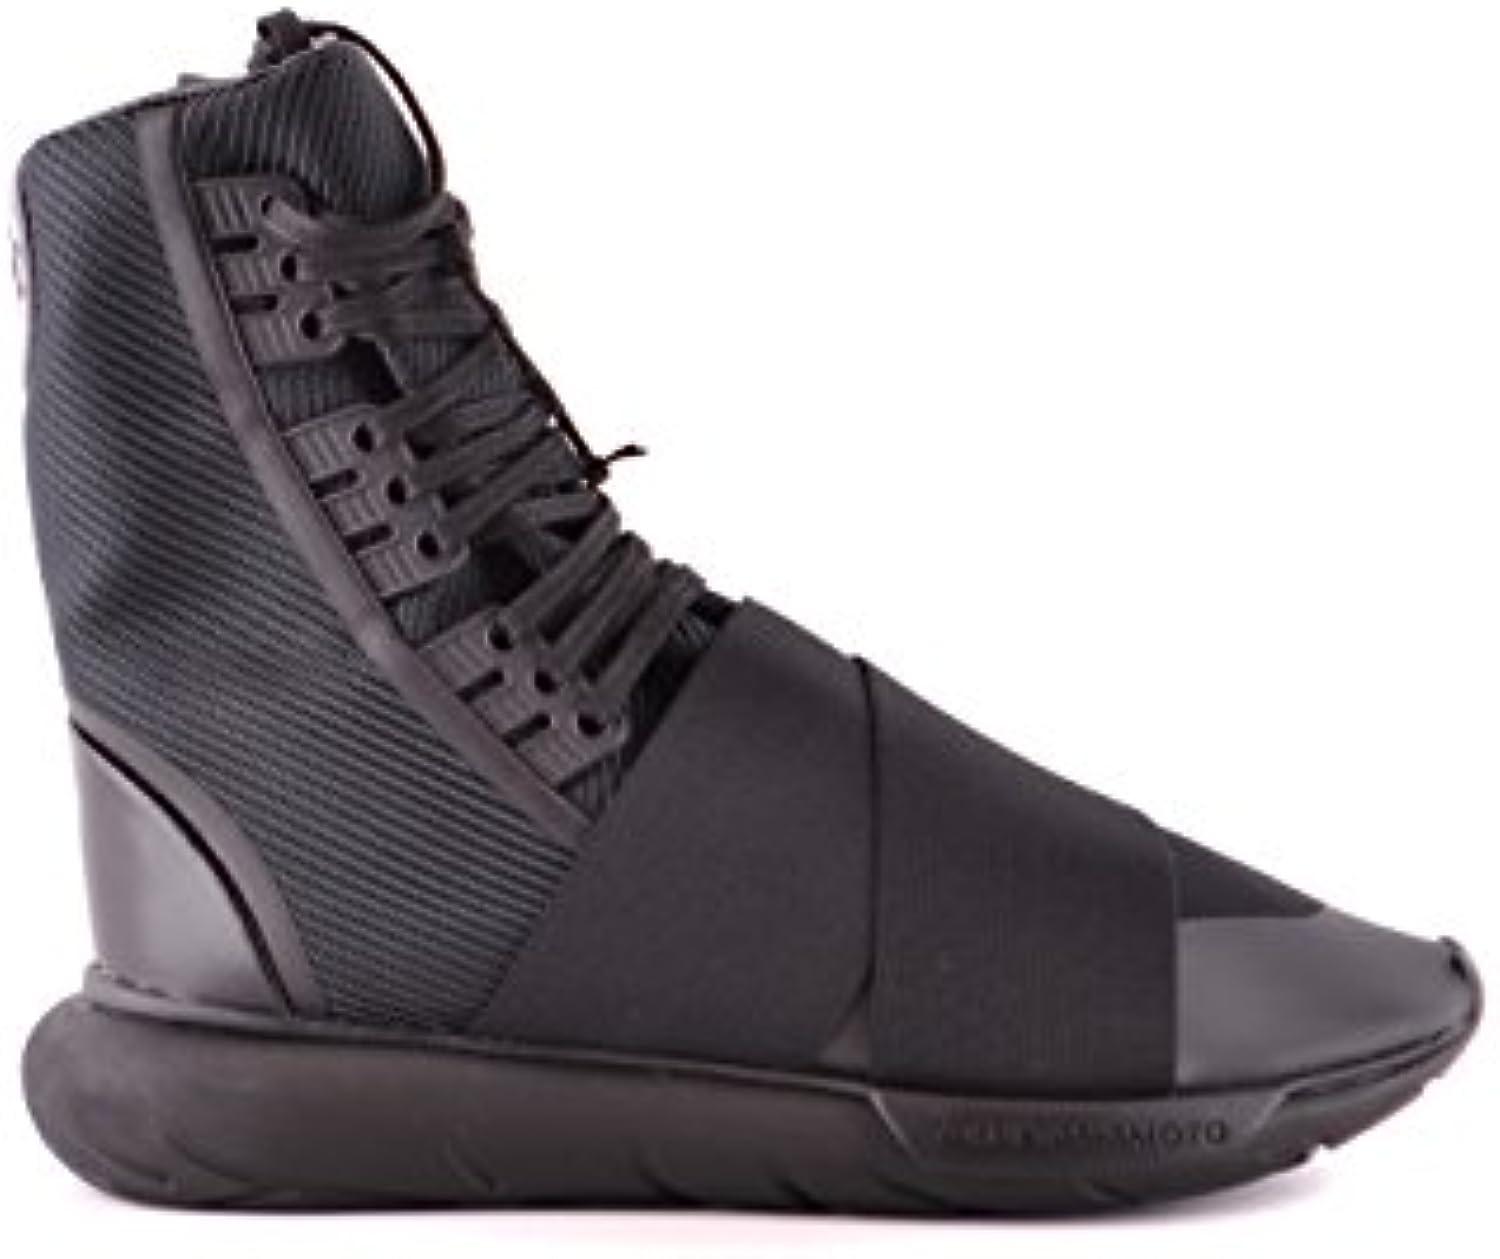 Adidas Y-3 Yohji Yamamoto Hombre BB4802COREBLACK Negro Poliéster Zapatillas Altas